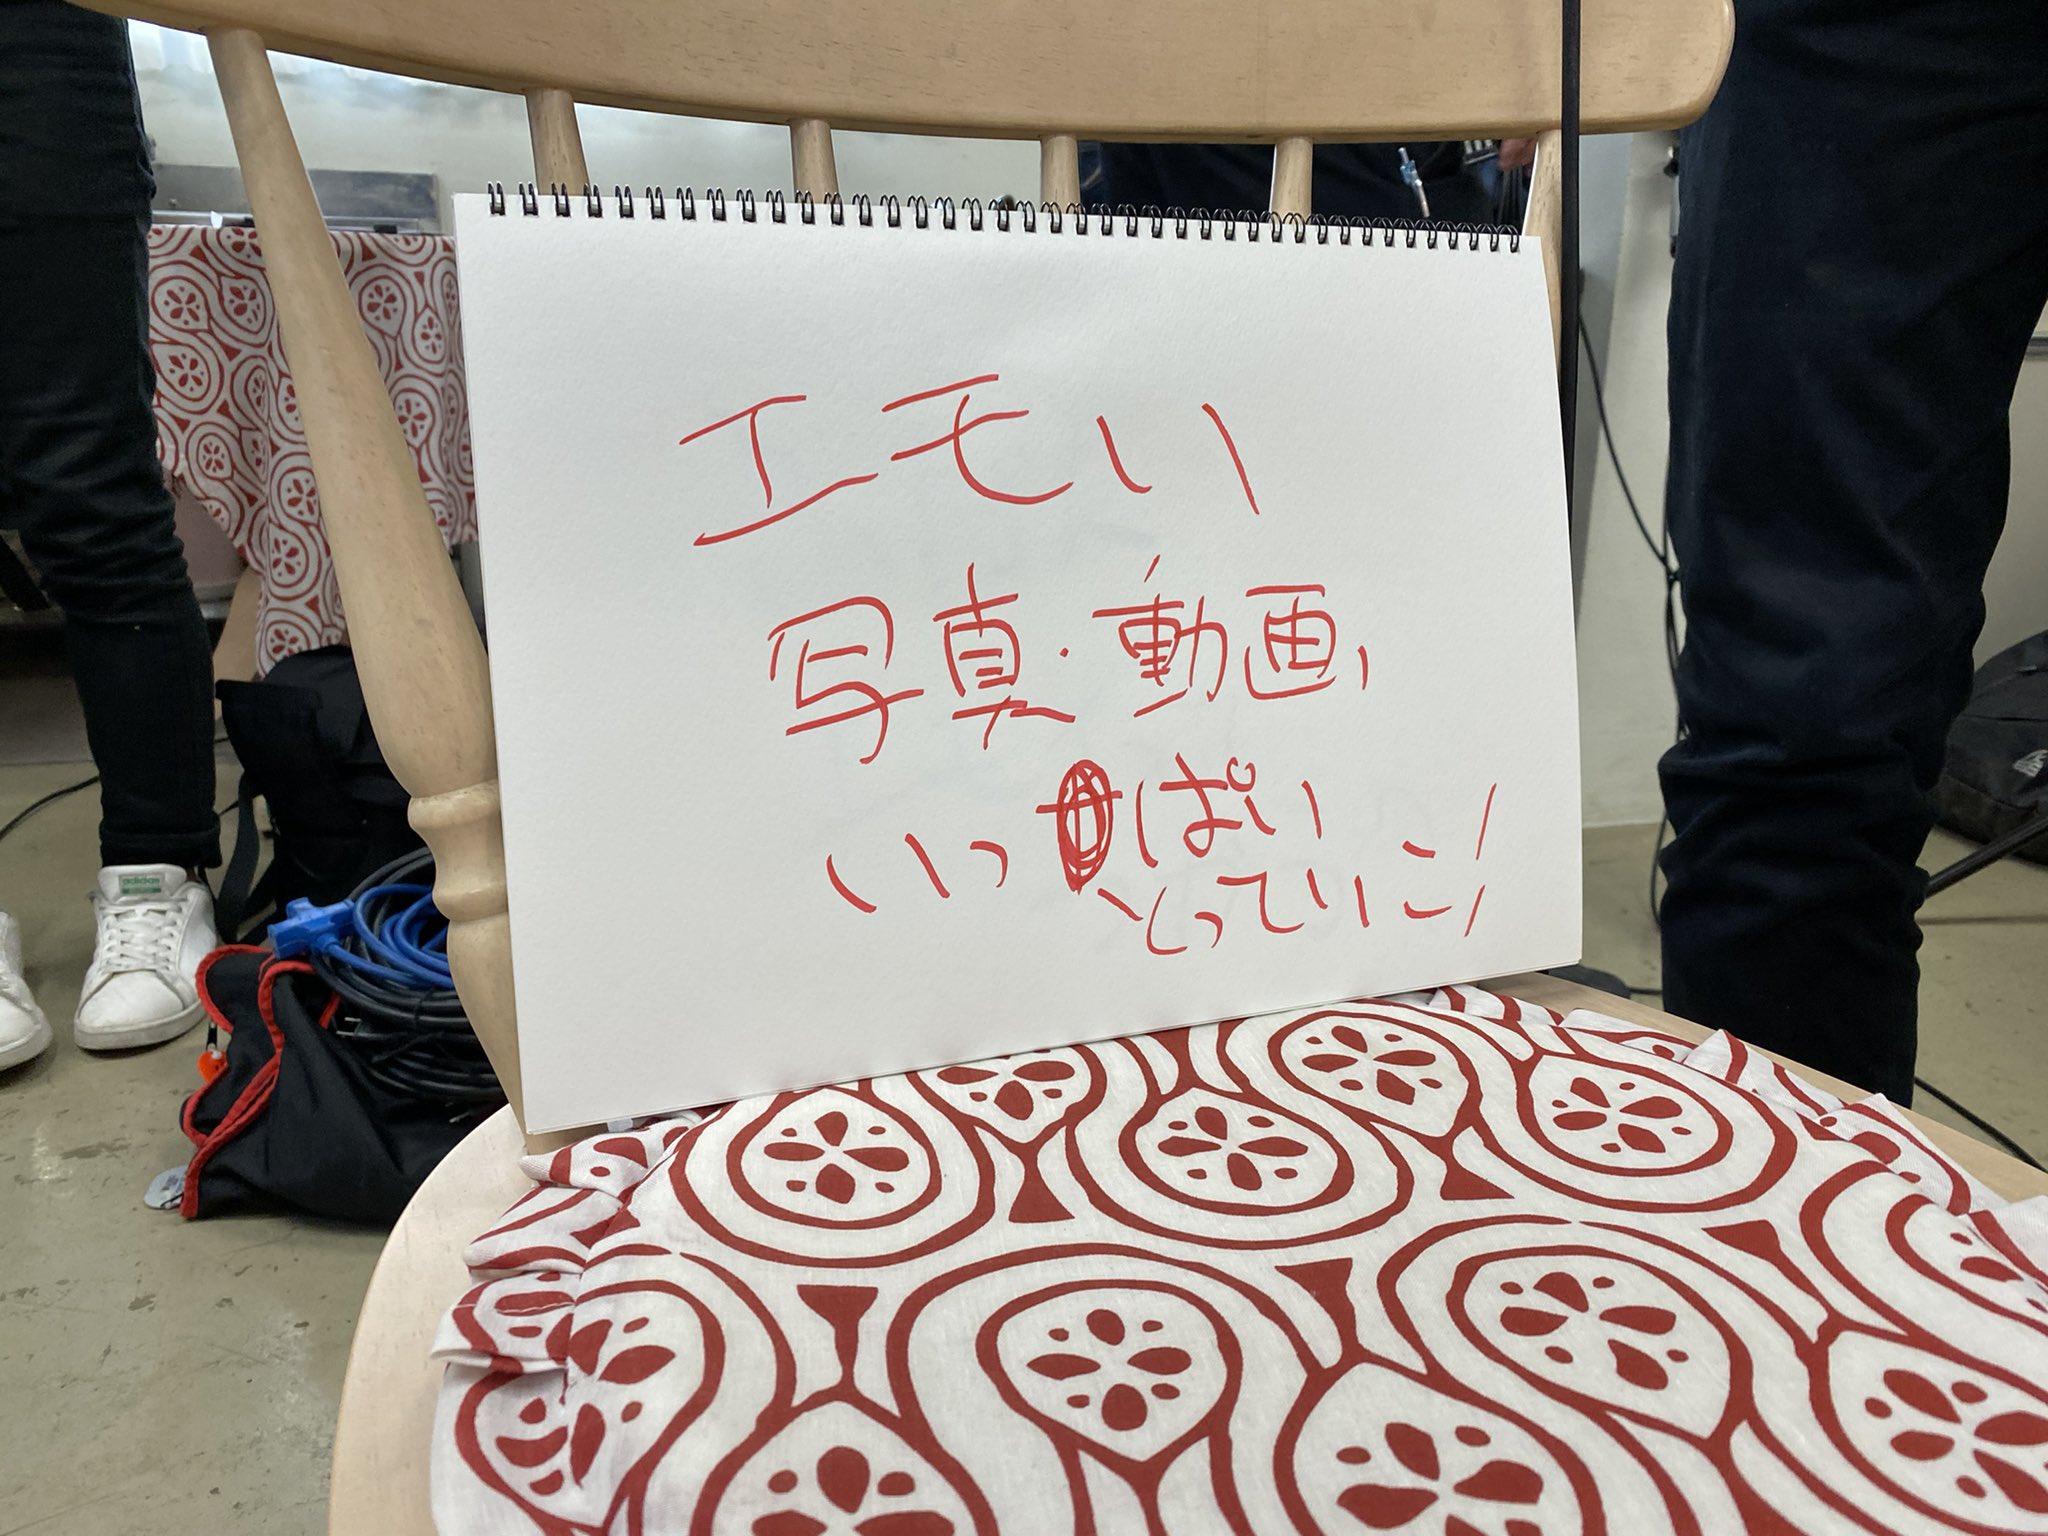 【NMB48】きゅんmart出演の『NMB48#エモスト』は3月25日25:29から放送